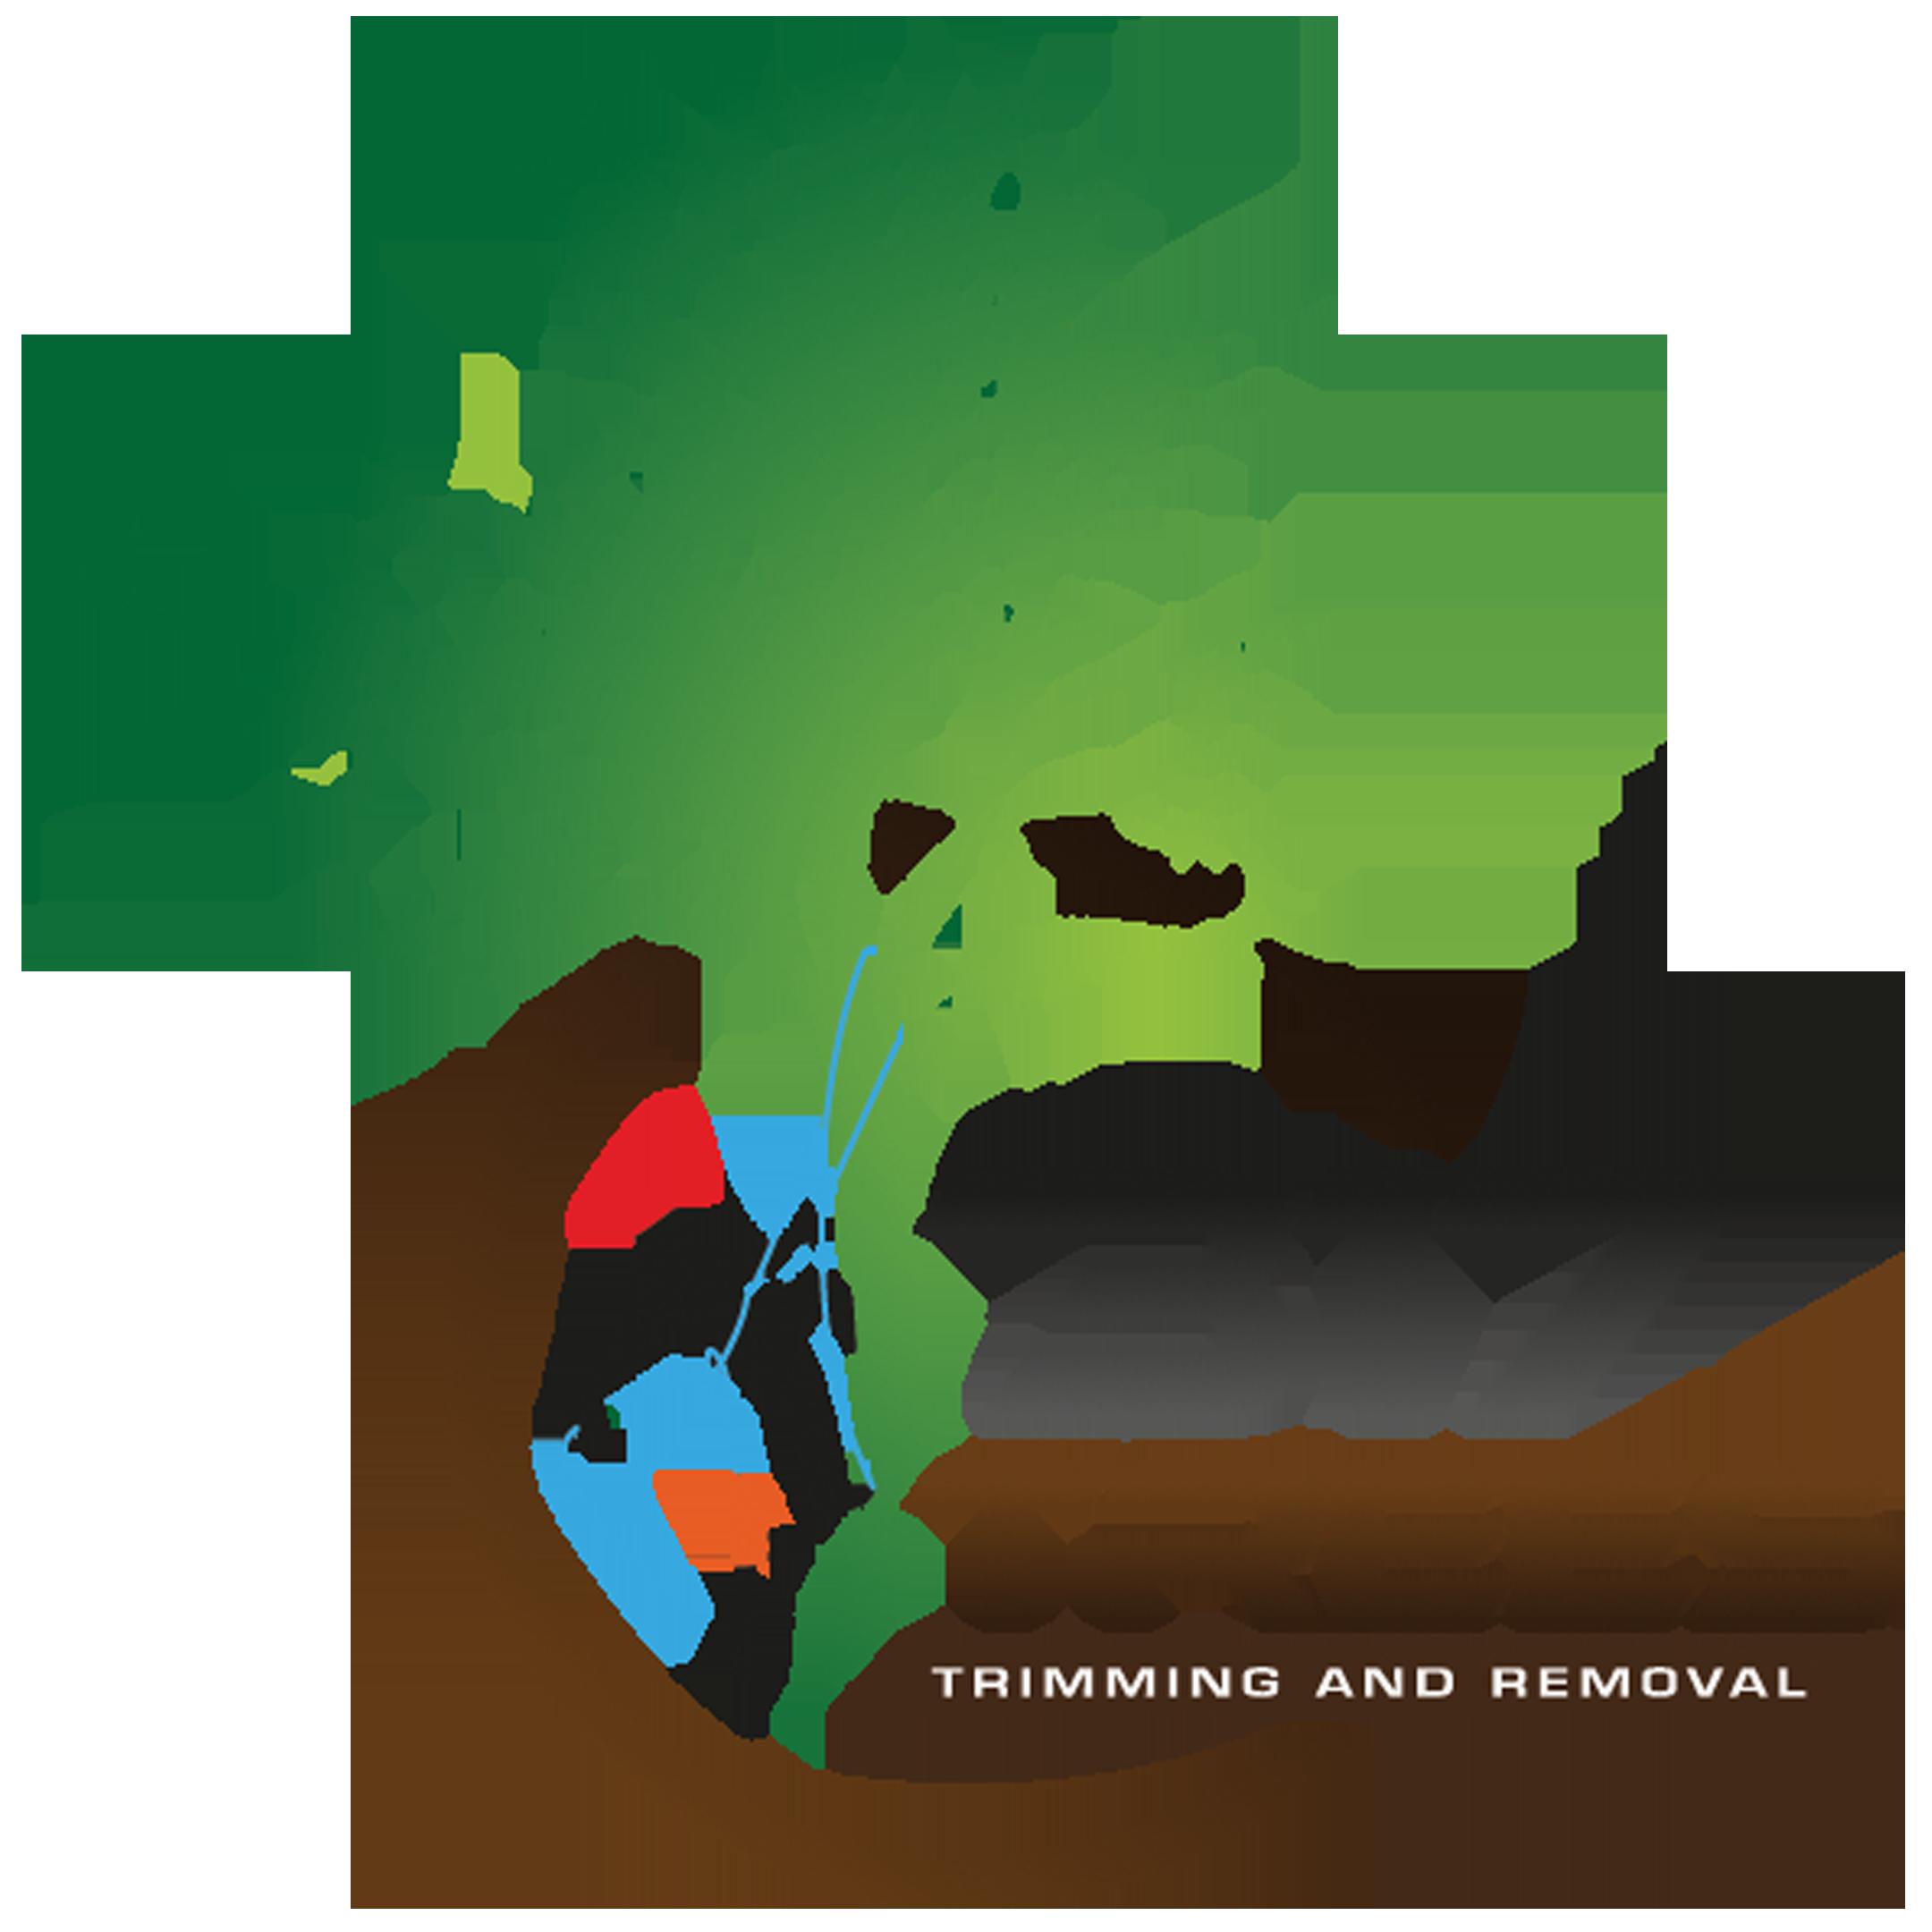 317 Trees